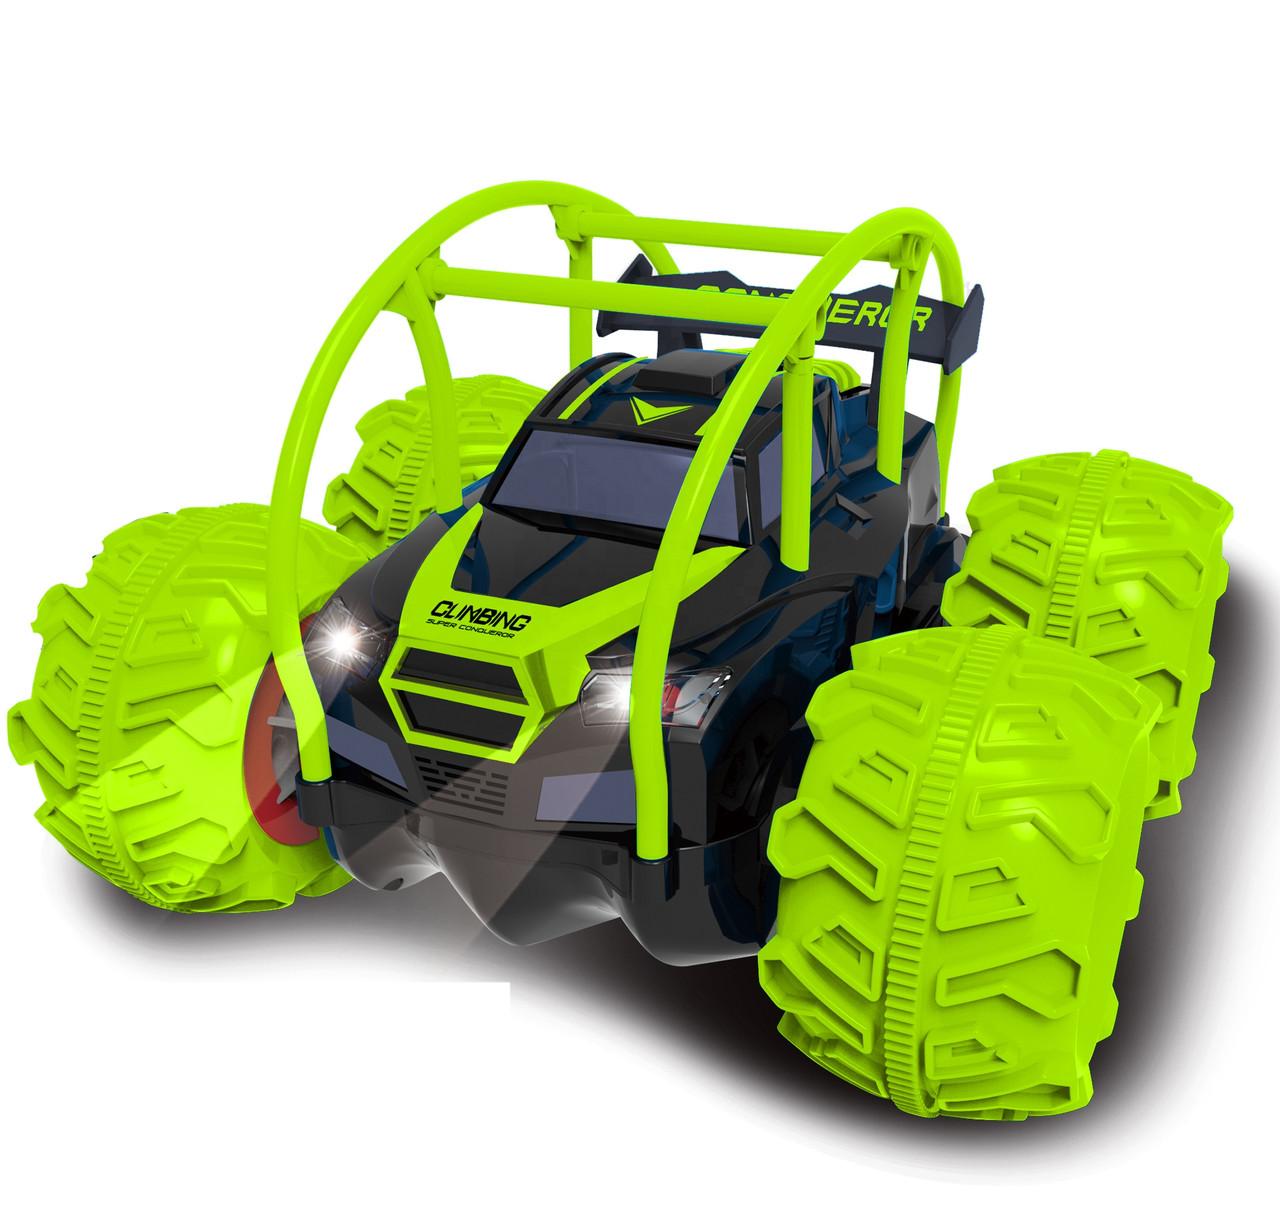 Радіокерована іграшка DWI Climbing Super Conqueror іграшковий джип-всюдихід на р/к Зелений (SUN2751)